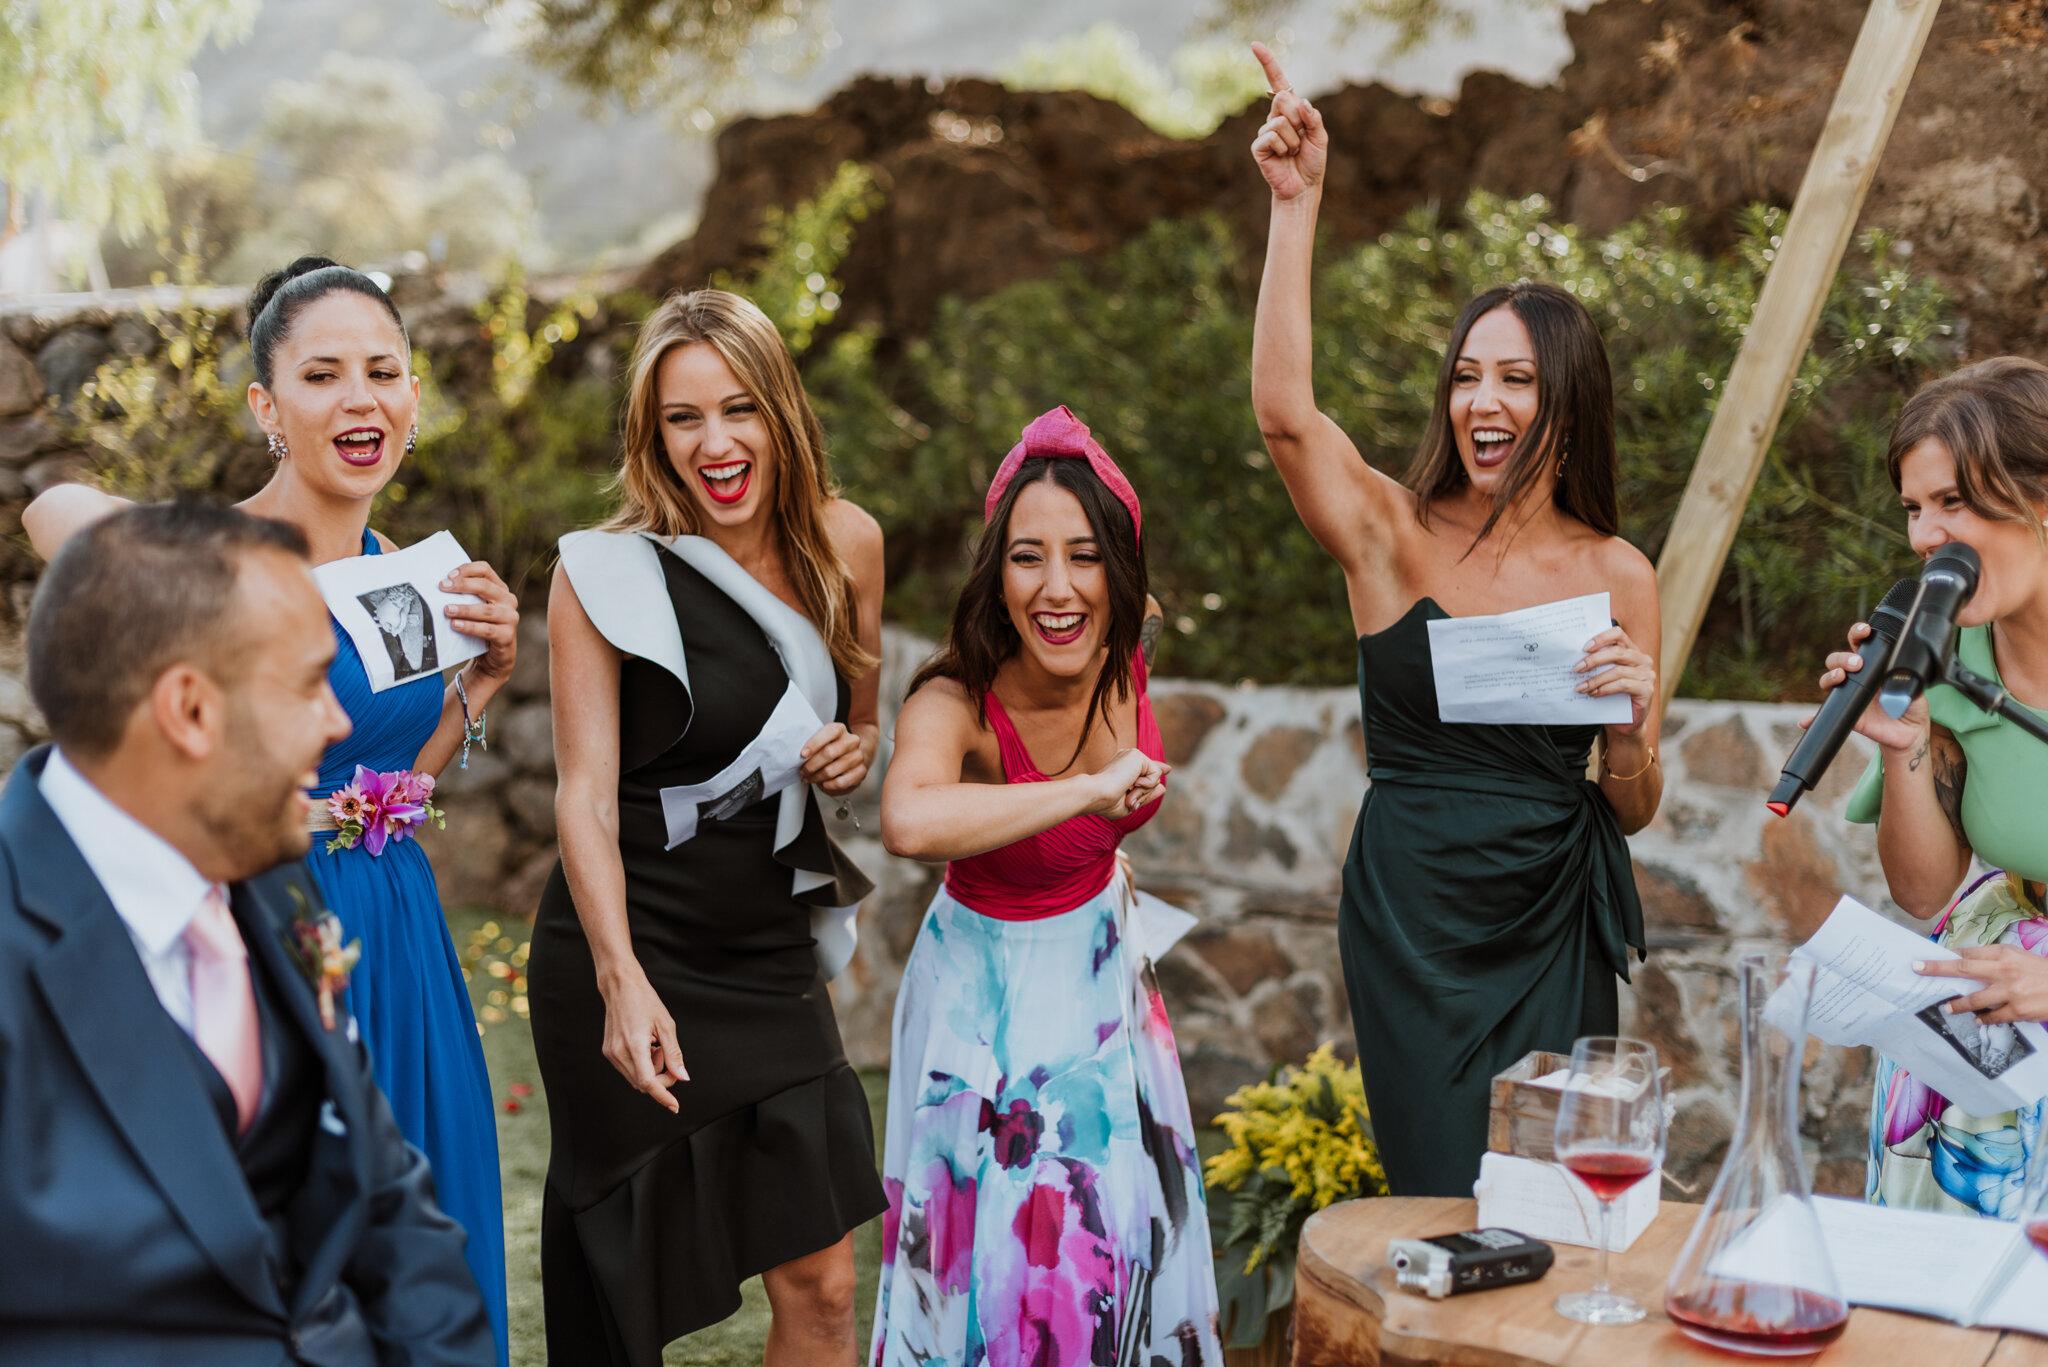 fotografo de bodas las palmas_-74.jpg